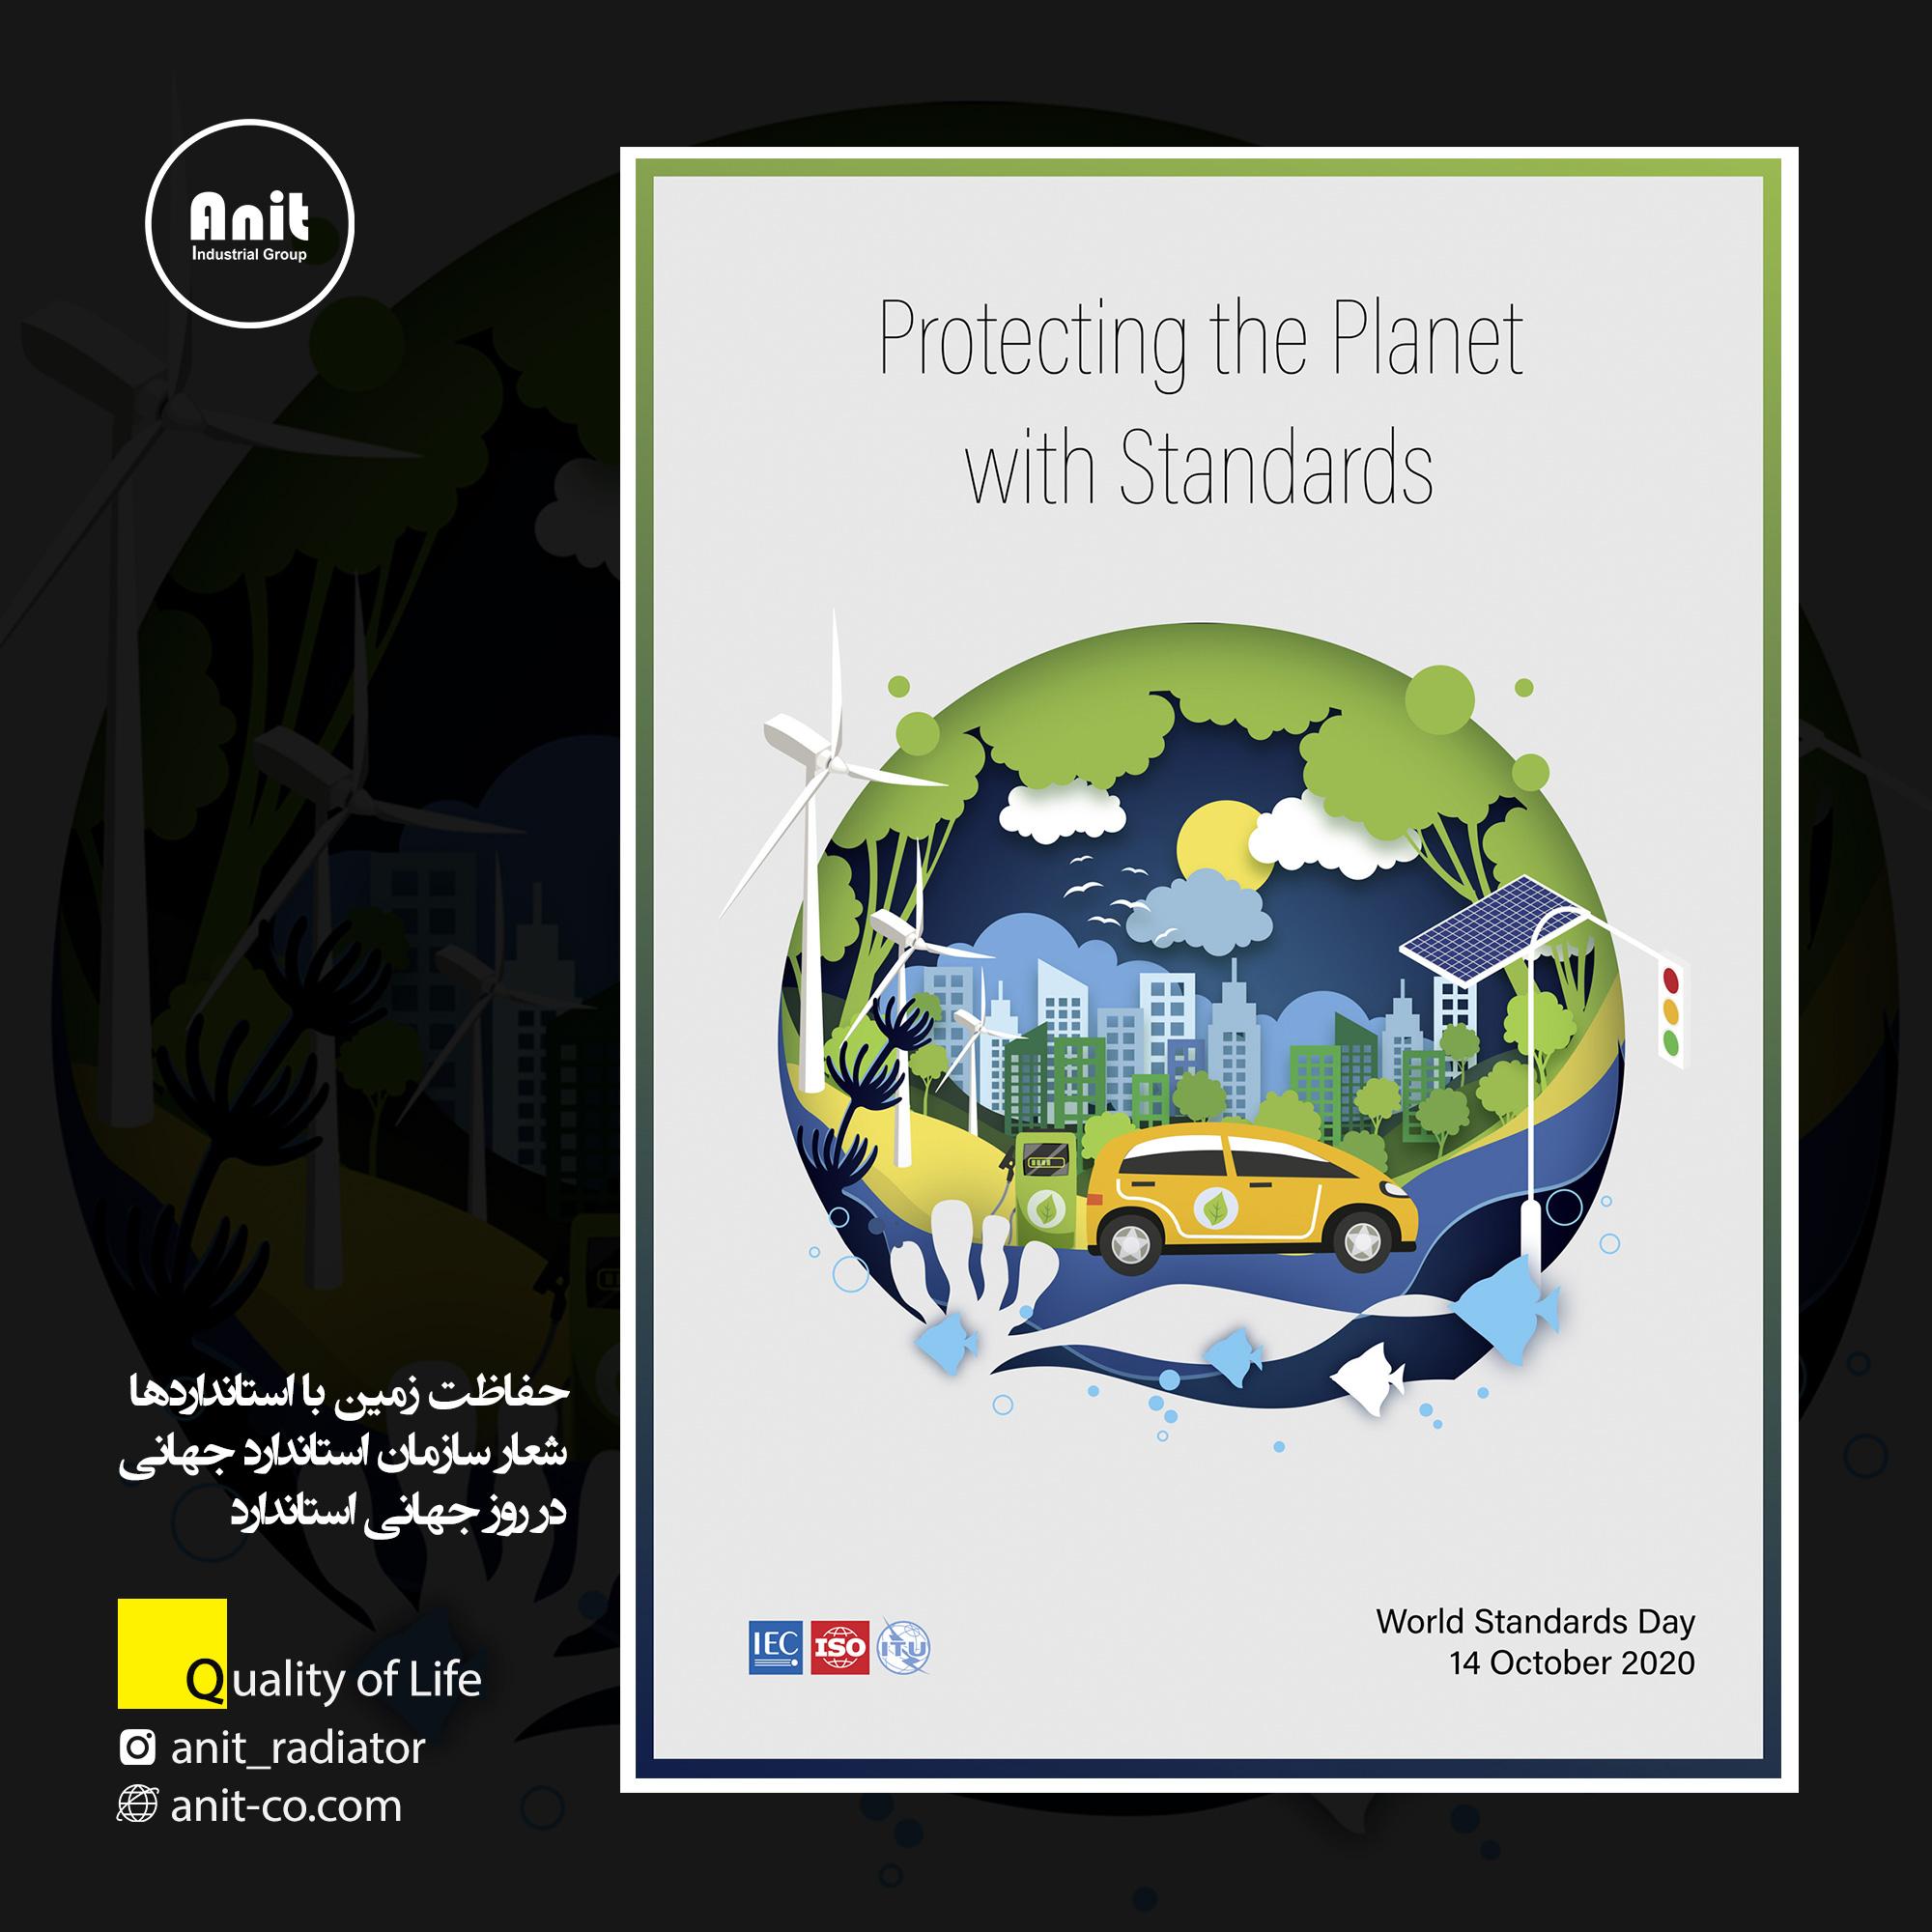 حفاظت زمین با استانداردها ، شعار سازمان استاندارد جهانی